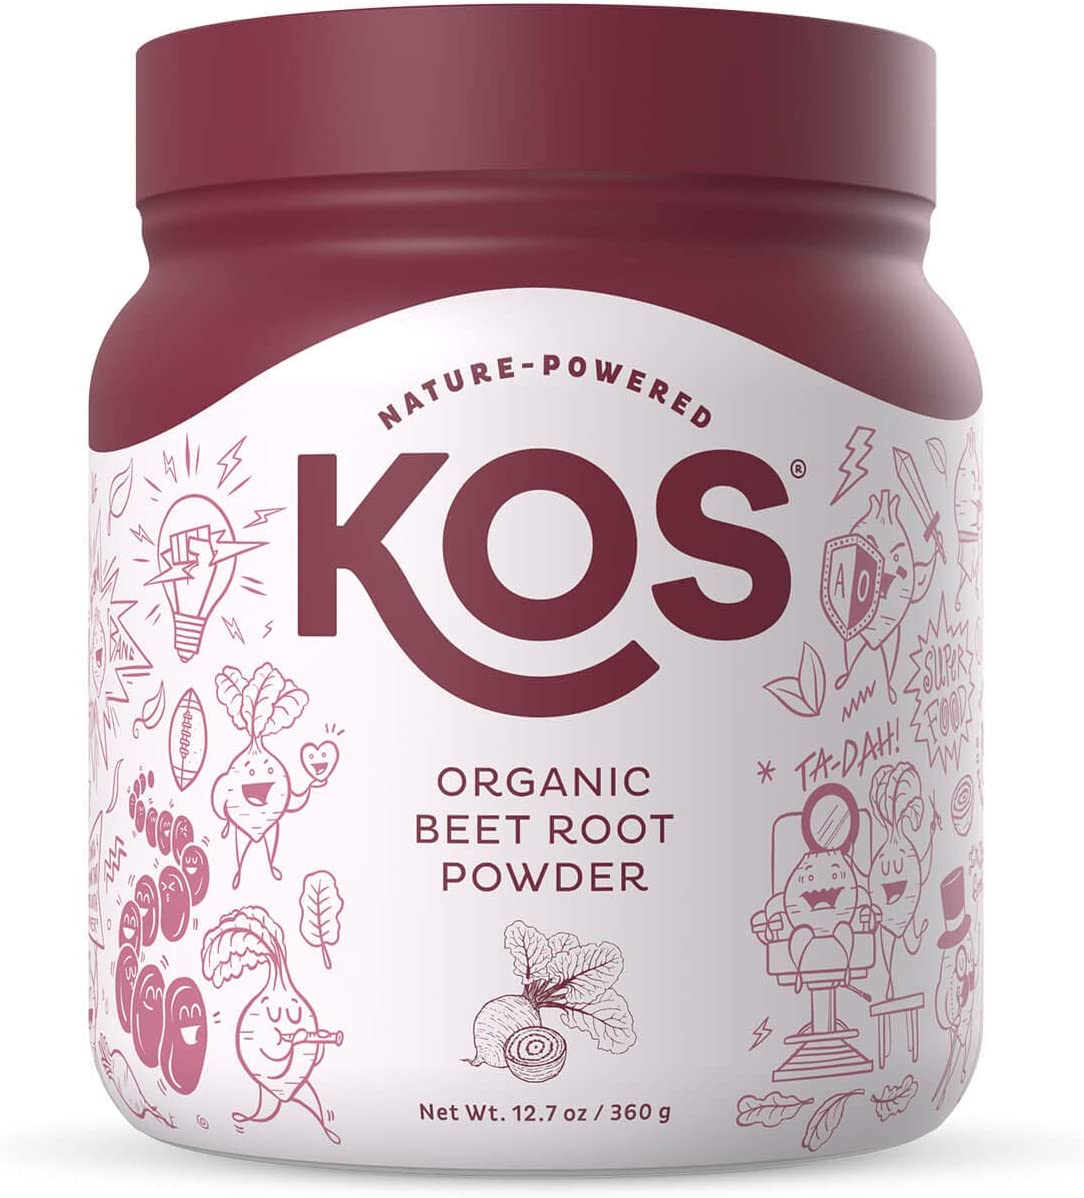 KOS Organic Beet Root Powder - Natural Nitric Oxide Boosting Beet Root Powder - USDA Organic, Stamina Increasing, Circulation Superfood Plant Based Ingredient, 360g, 90 Servings